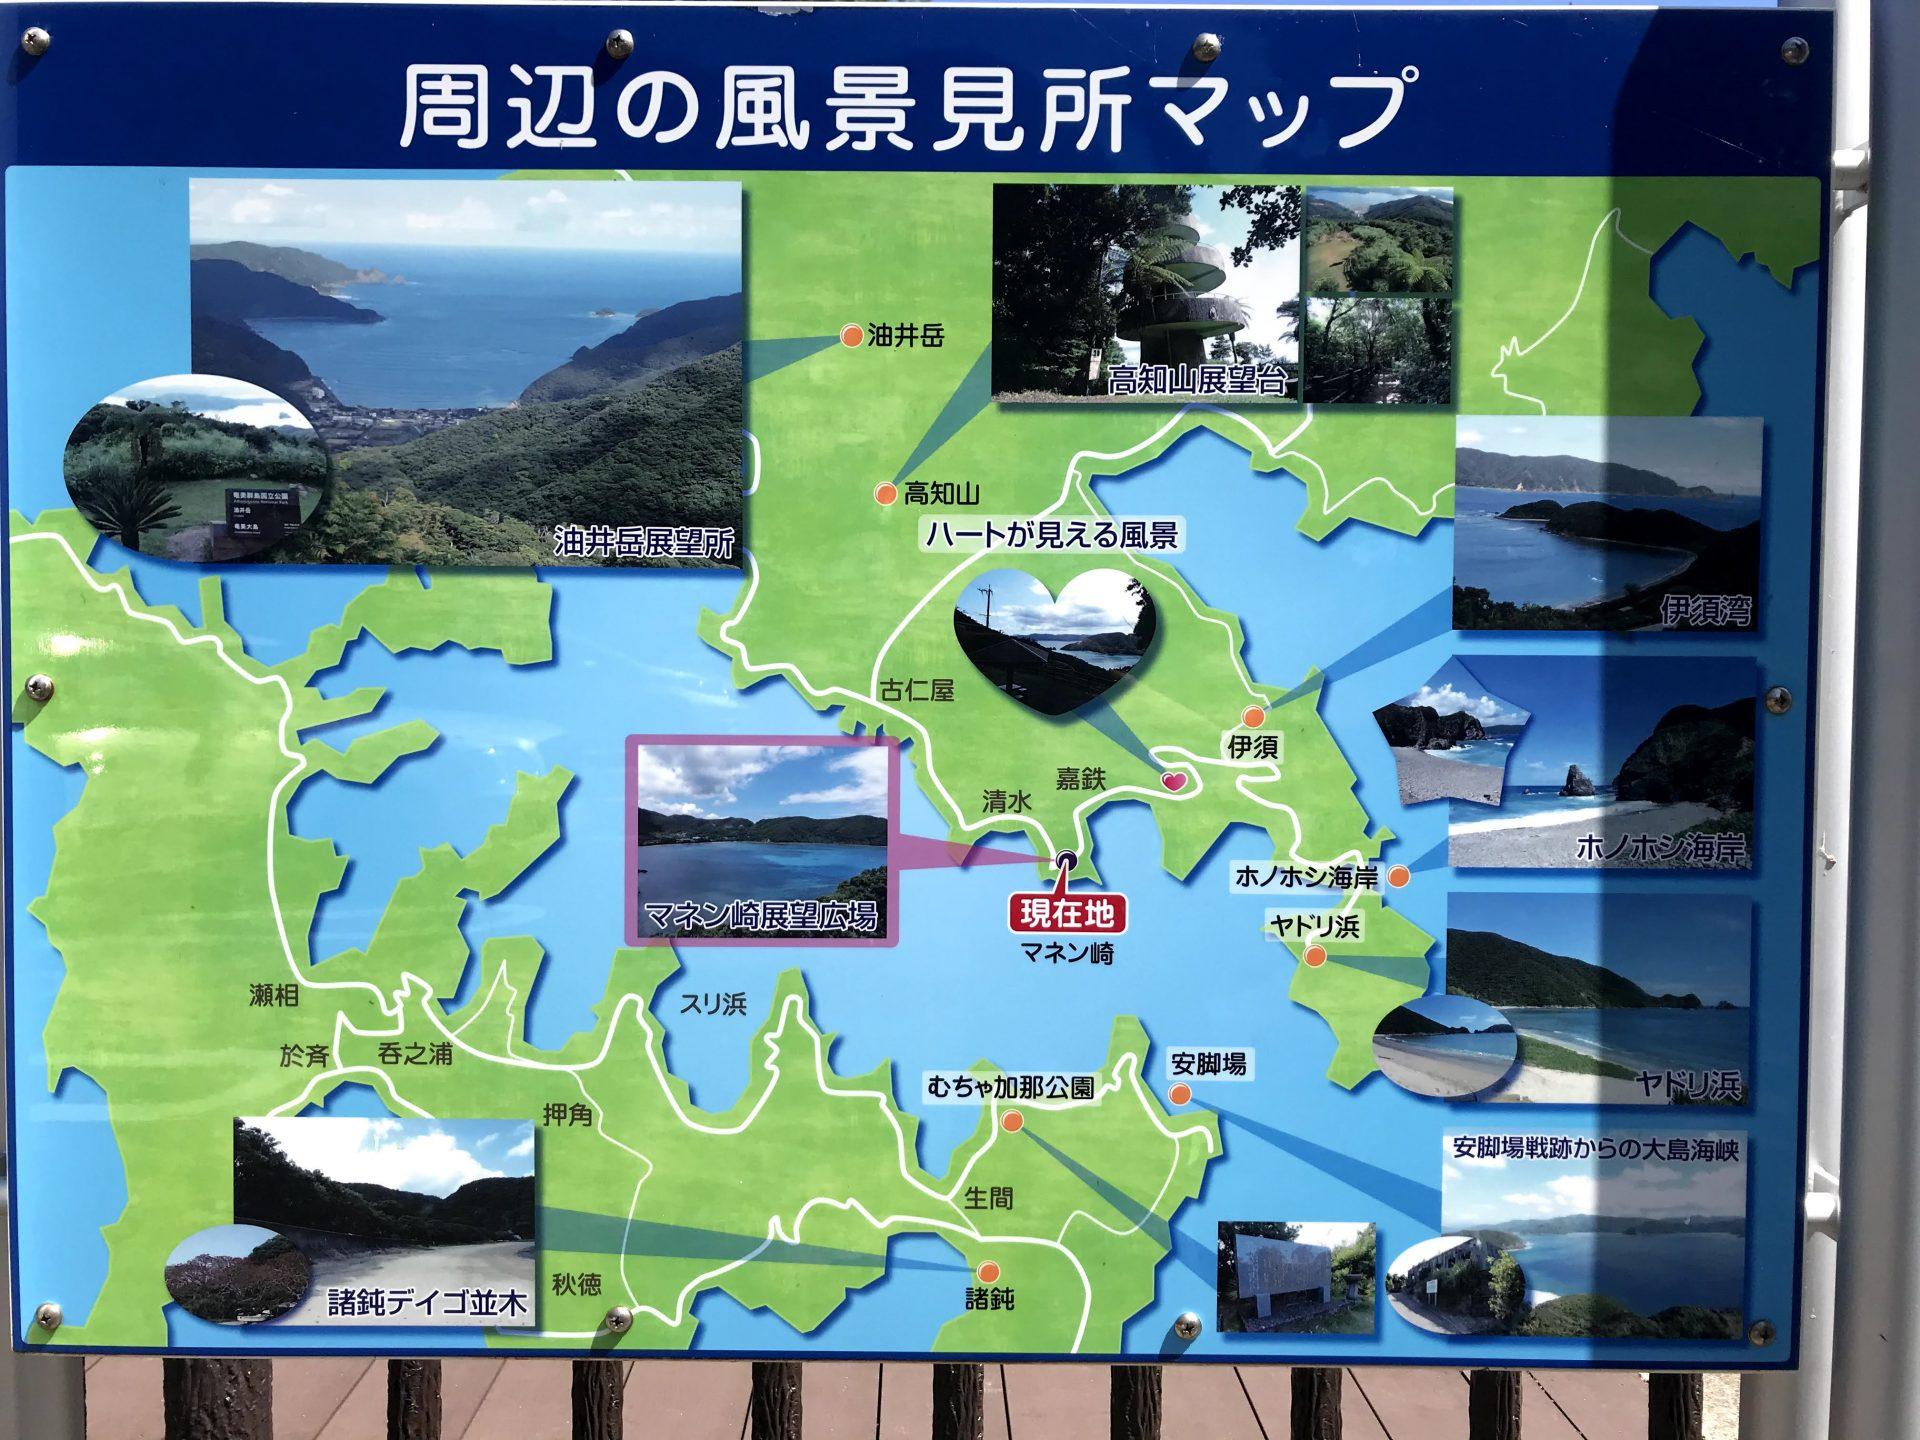 マップ 奄美大島 南部 海水浴 おすすめ ビーチ